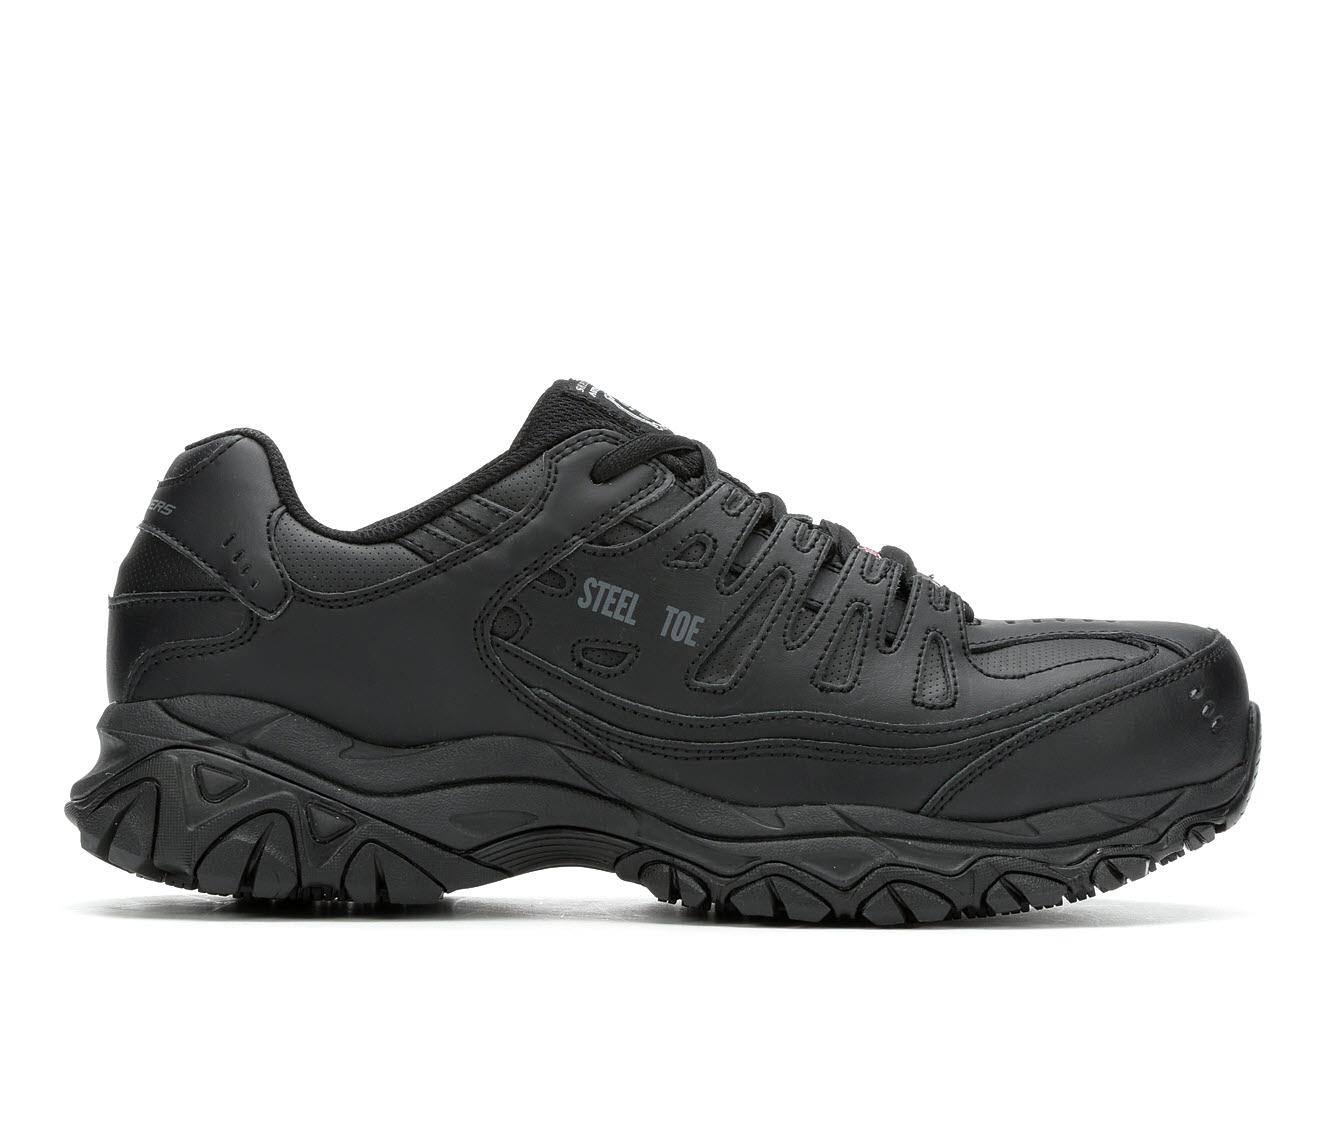 Skechers Work Keymar Steel Toe Waterproof 77517 Men's Boots (Black Faux Leather)